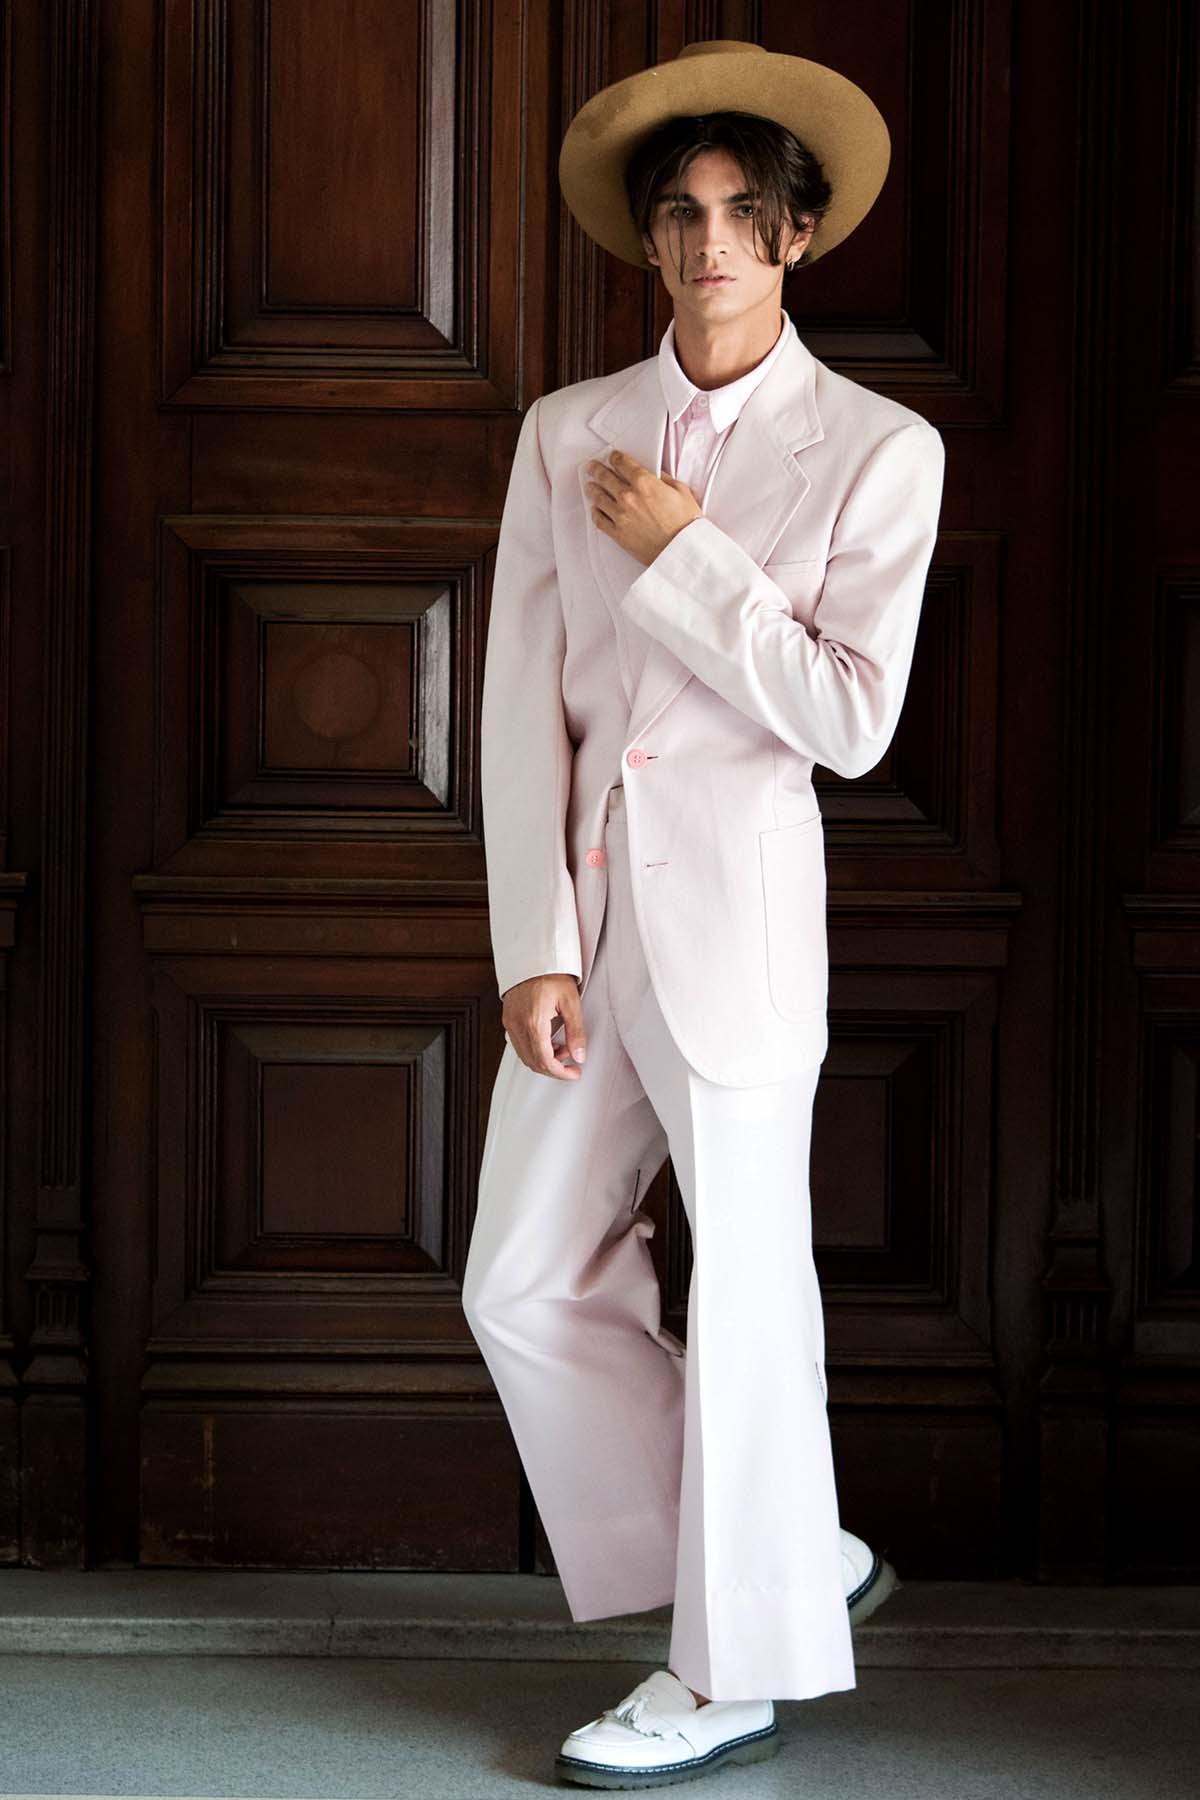 Naamã by De Macedo for Brazilian Male Model